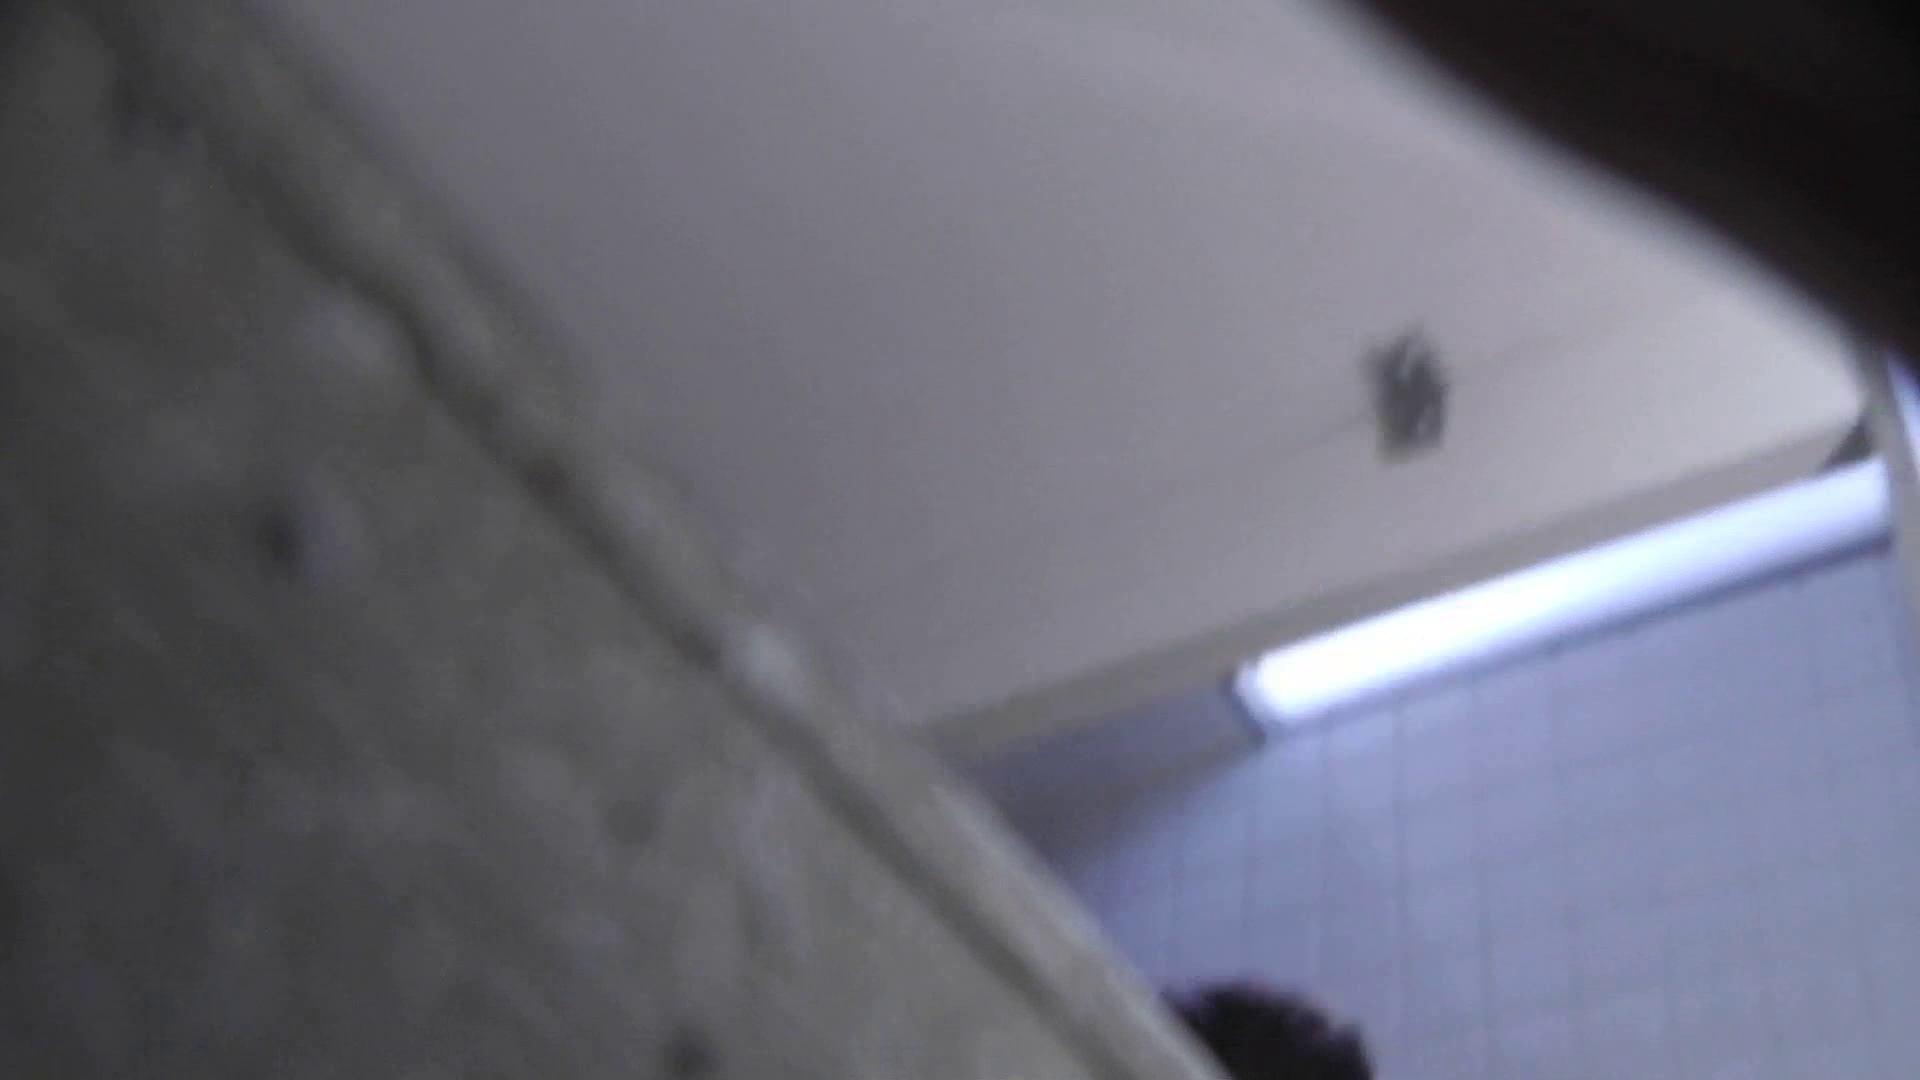 vol.06 命がけ潜伏洗面所! 茶髪タン、ハァハァ 前編 潜入 スケベ動画紹介 64画像 62